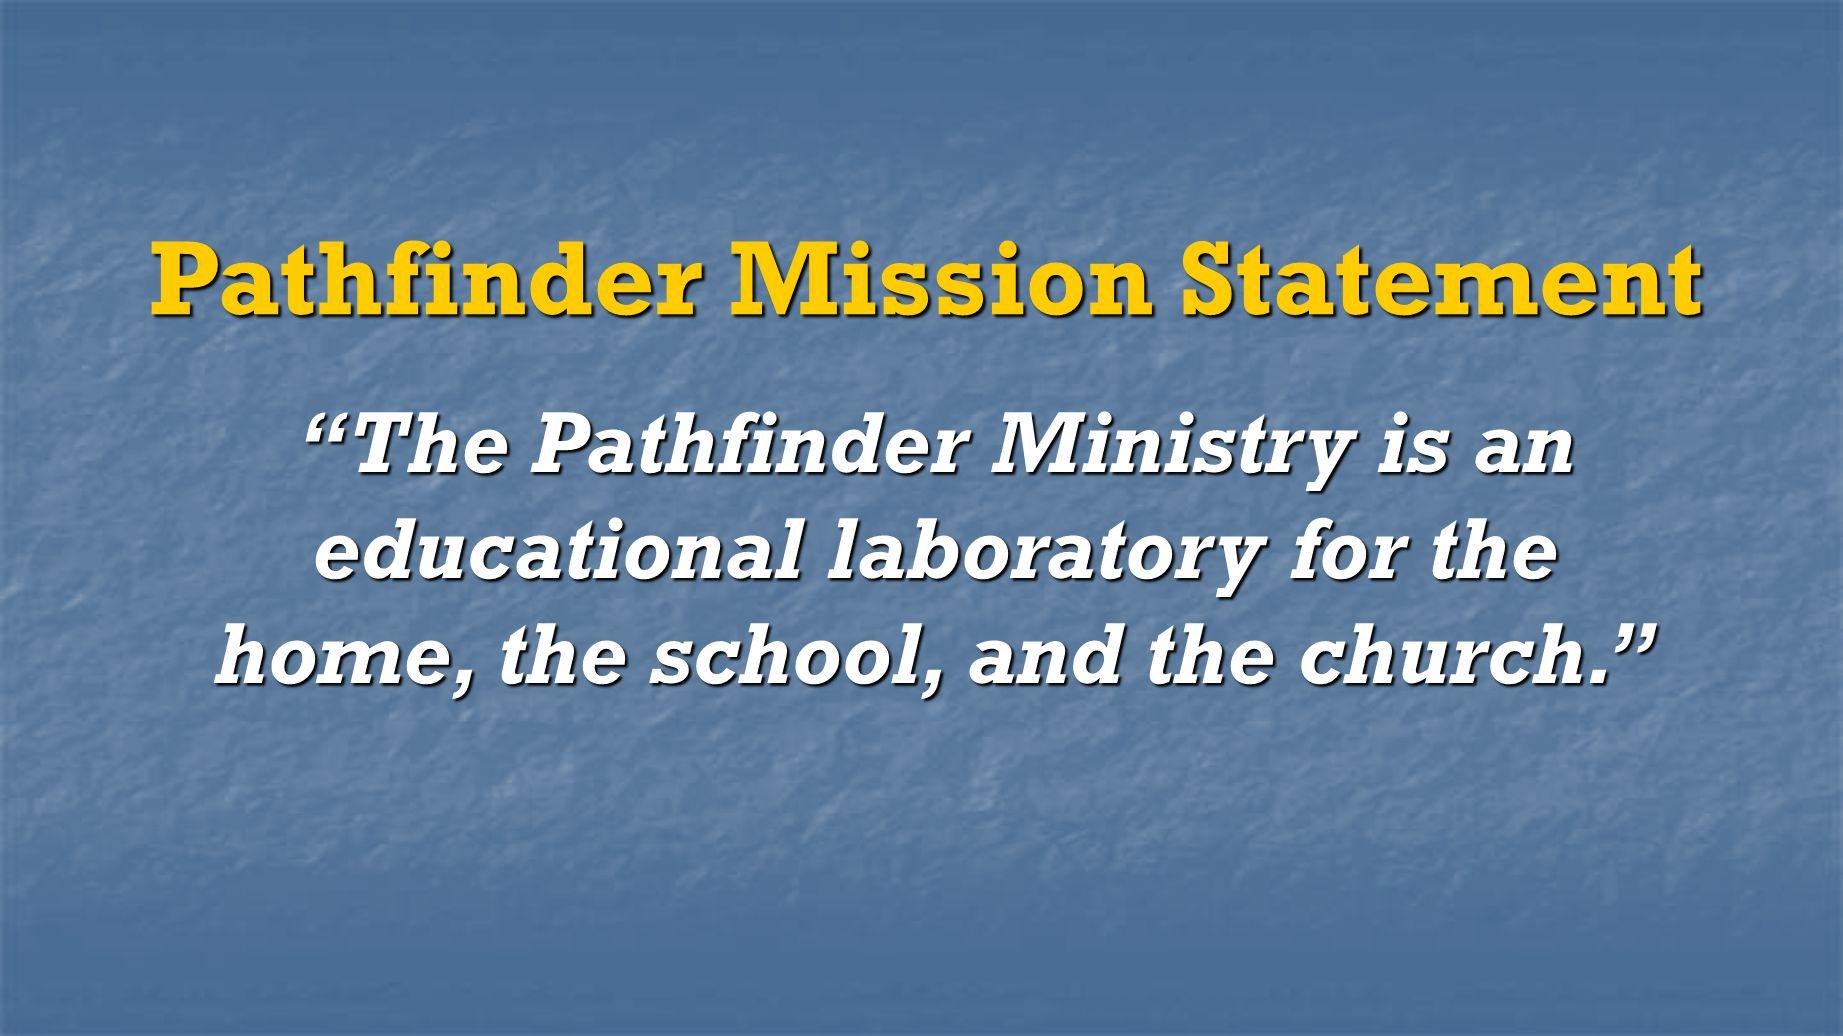 Pathfinder Mission Statement